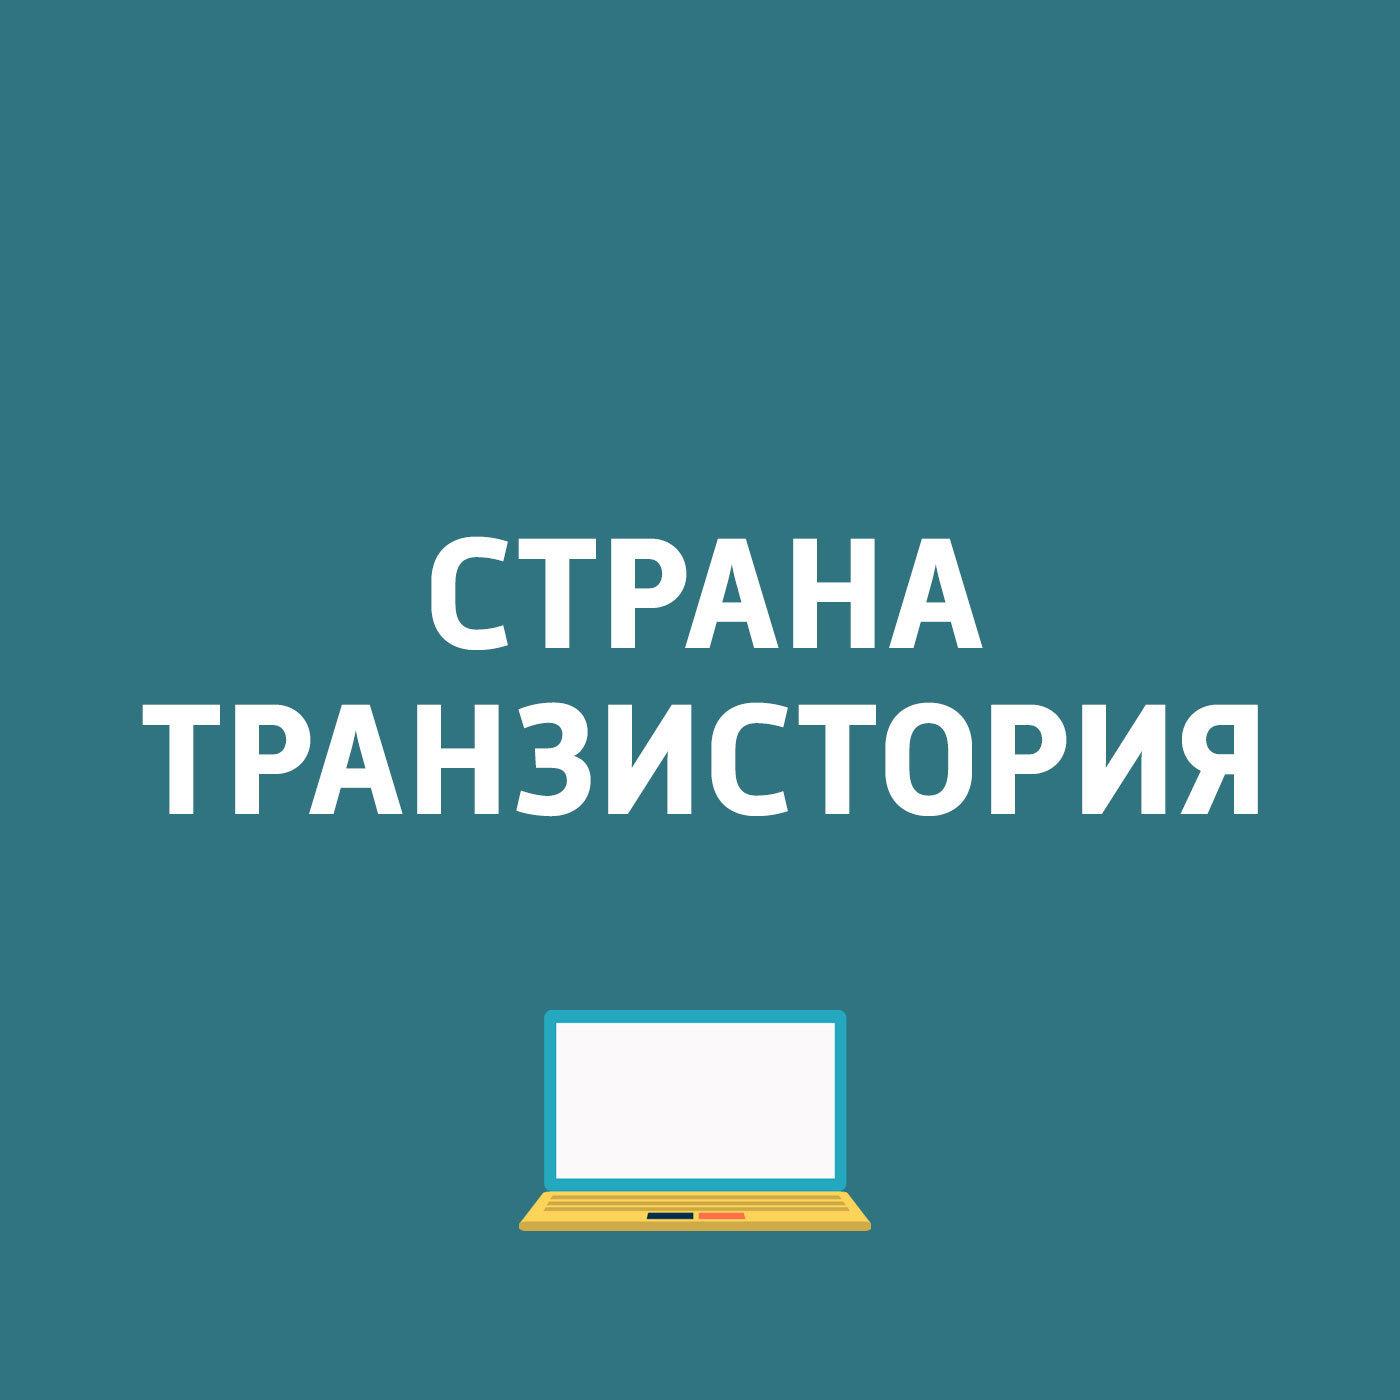 Картаев Павел Декабрьские траты, лучшие игры 2015 года acer liquid jade z